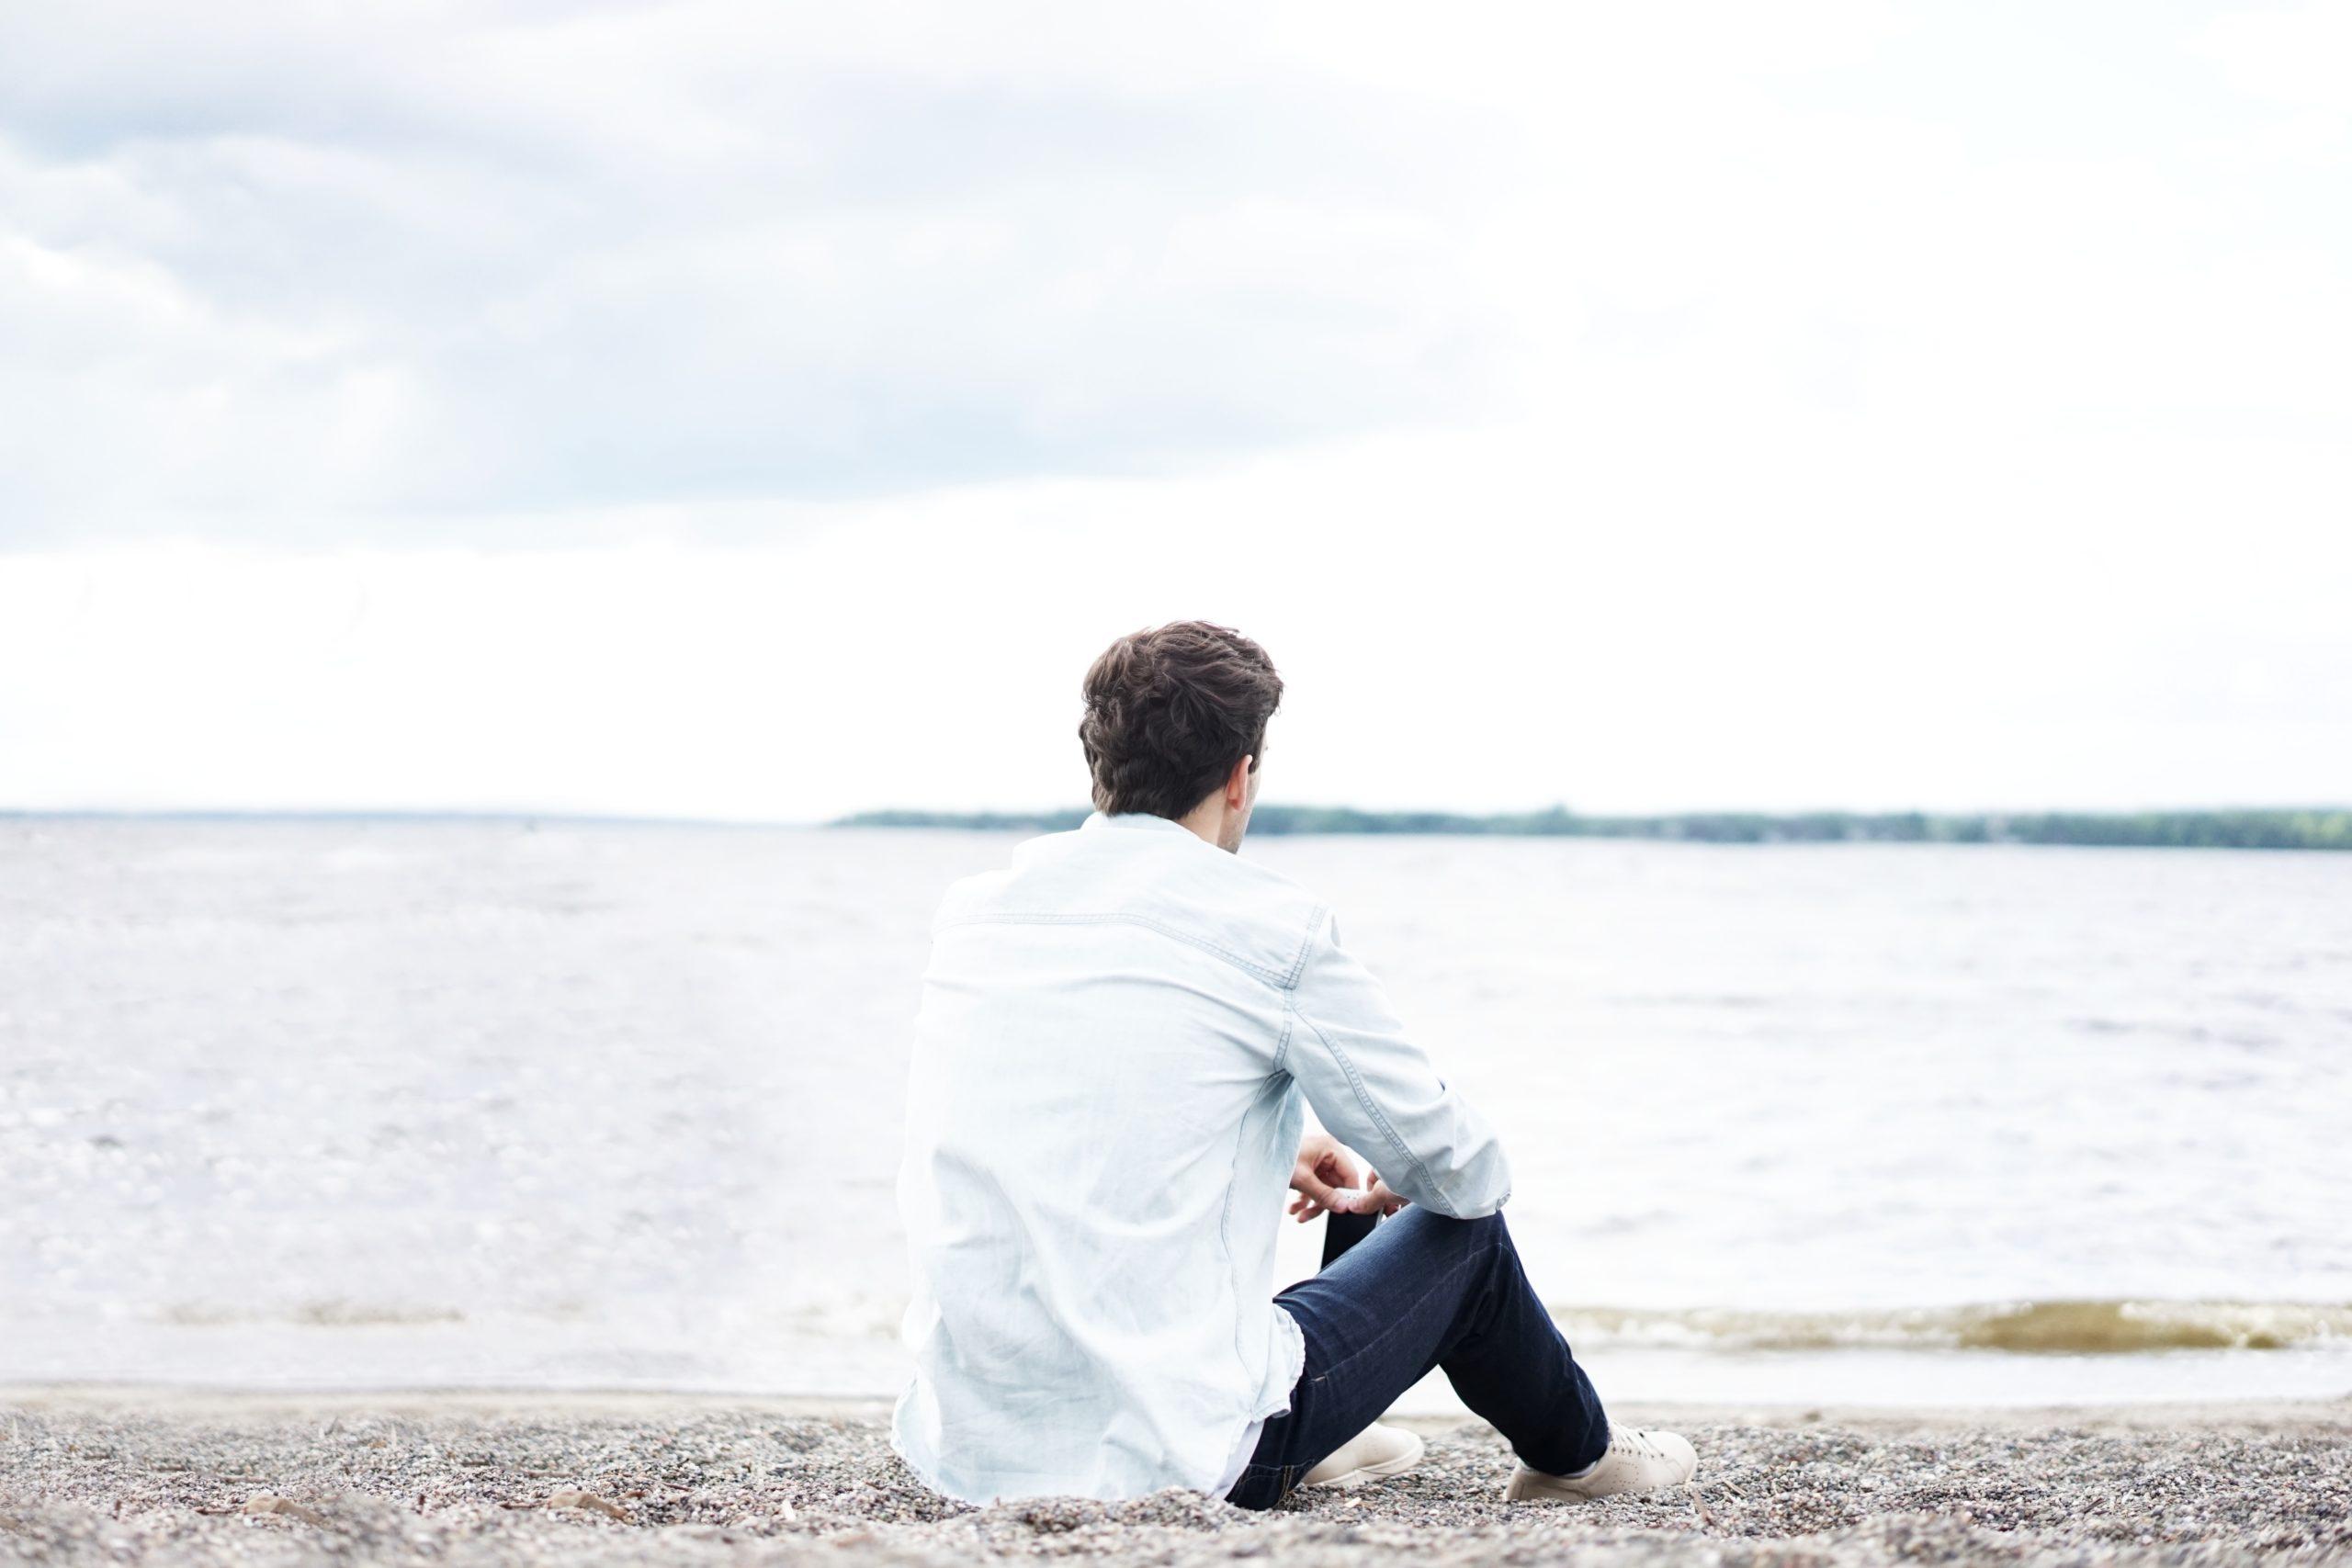 仕事のプレッシャーから逃げたい時の対処法【思考を変えて乗り越える】